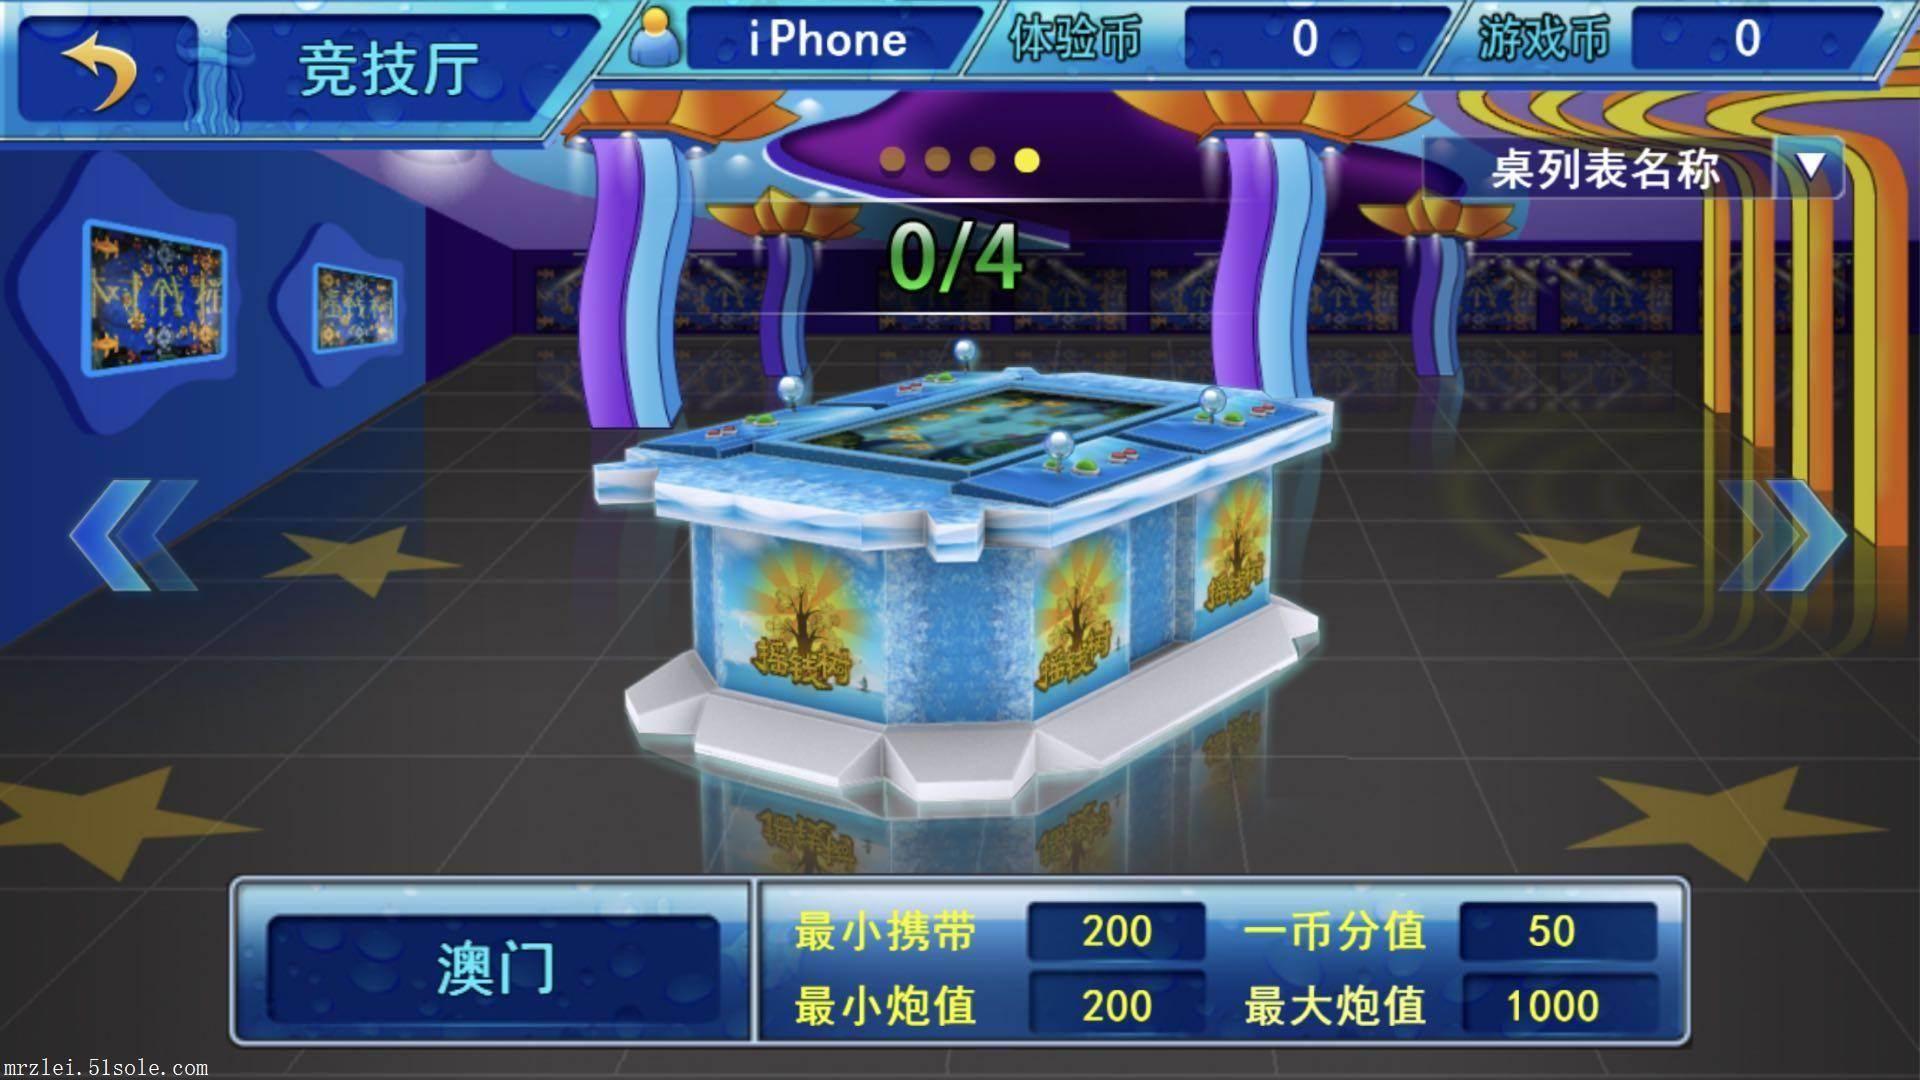 香港星力10代哪家比较好玩